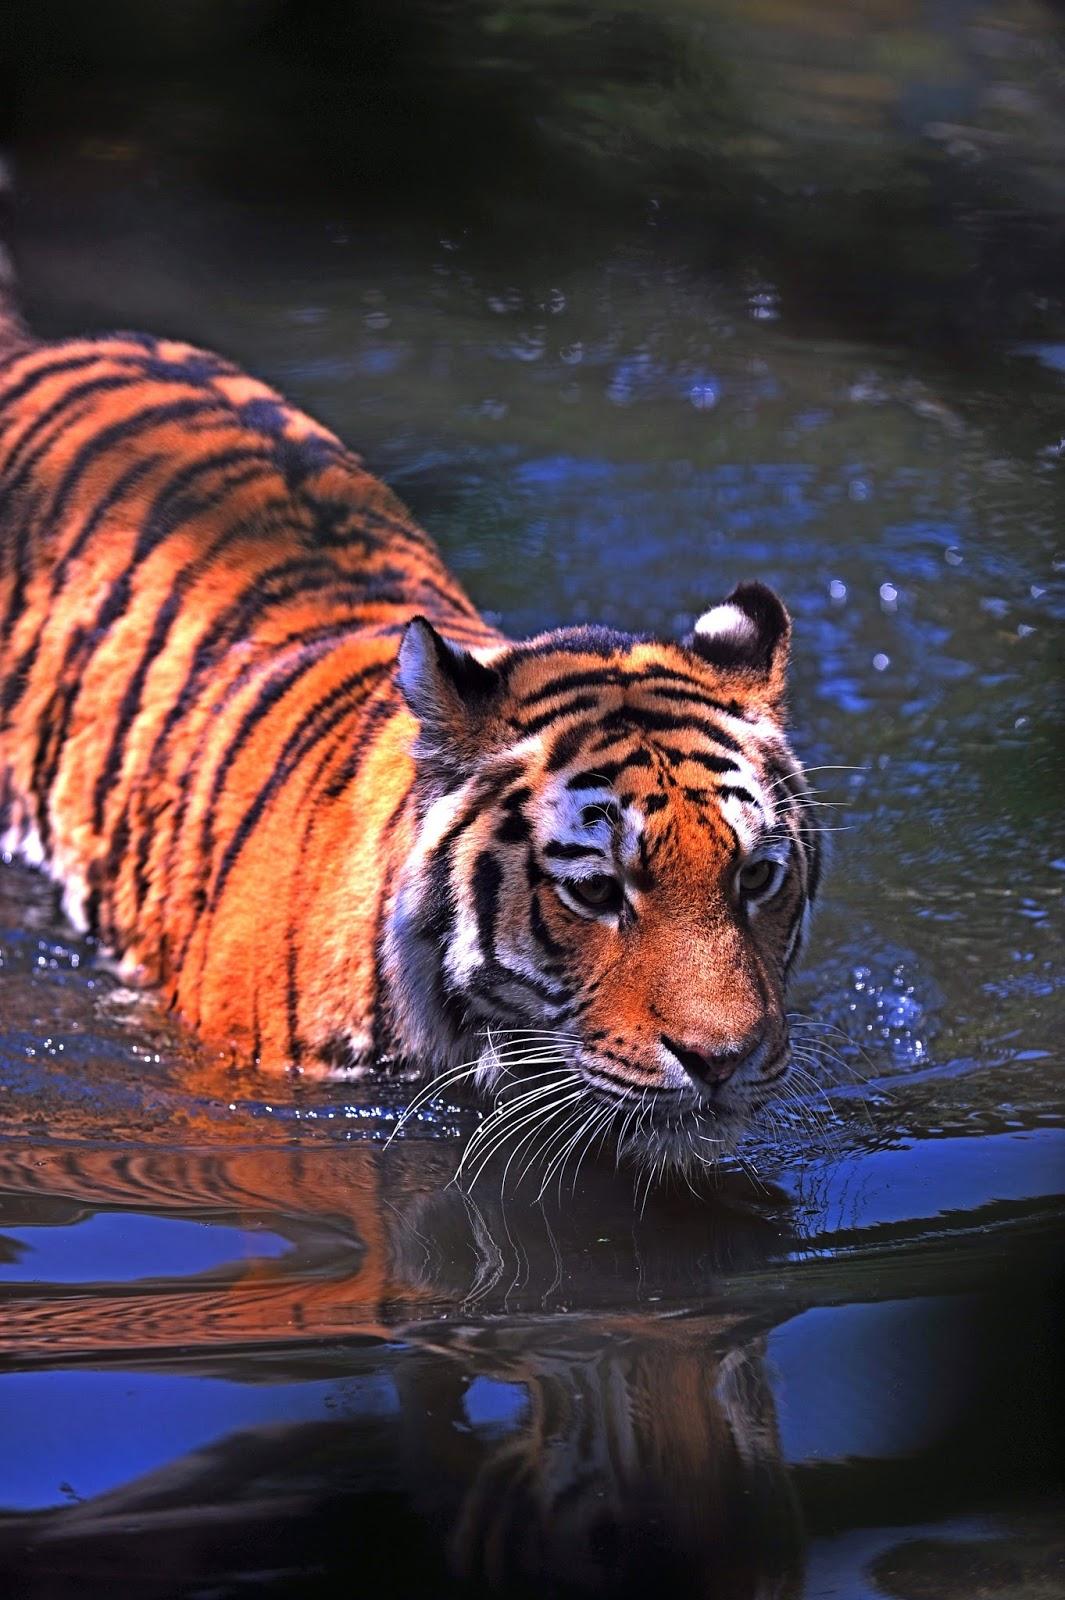 A tiger crossing a river.